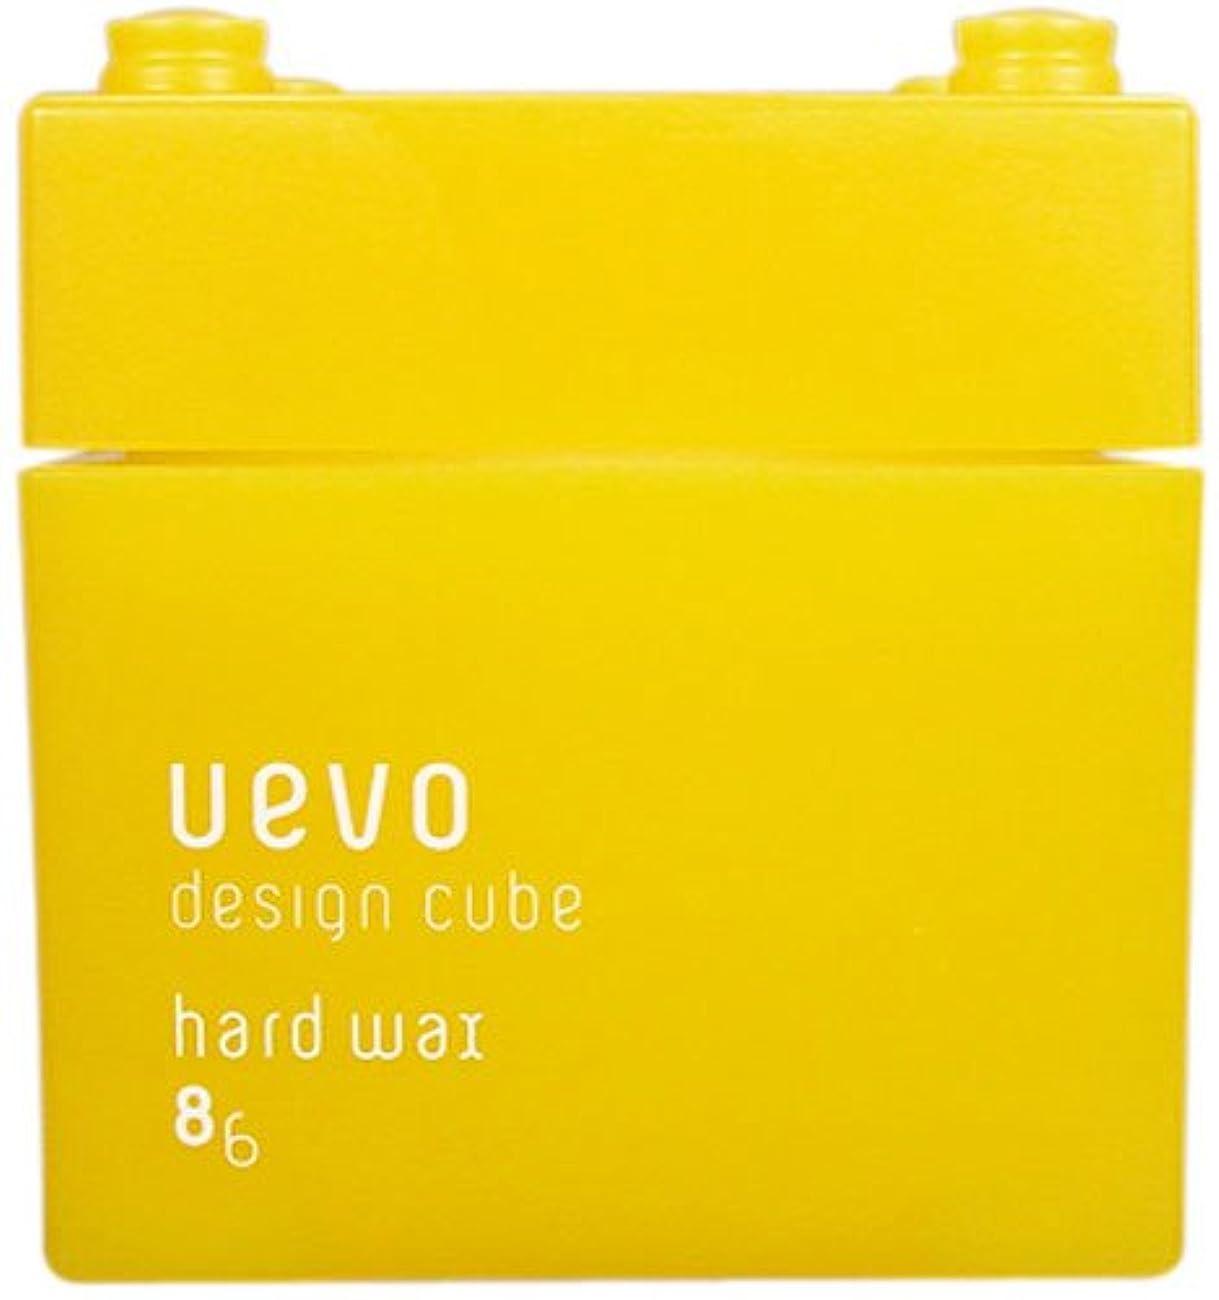 朝アルコール硫黄ウェーボ デザインキューブ ハードワックス 80g